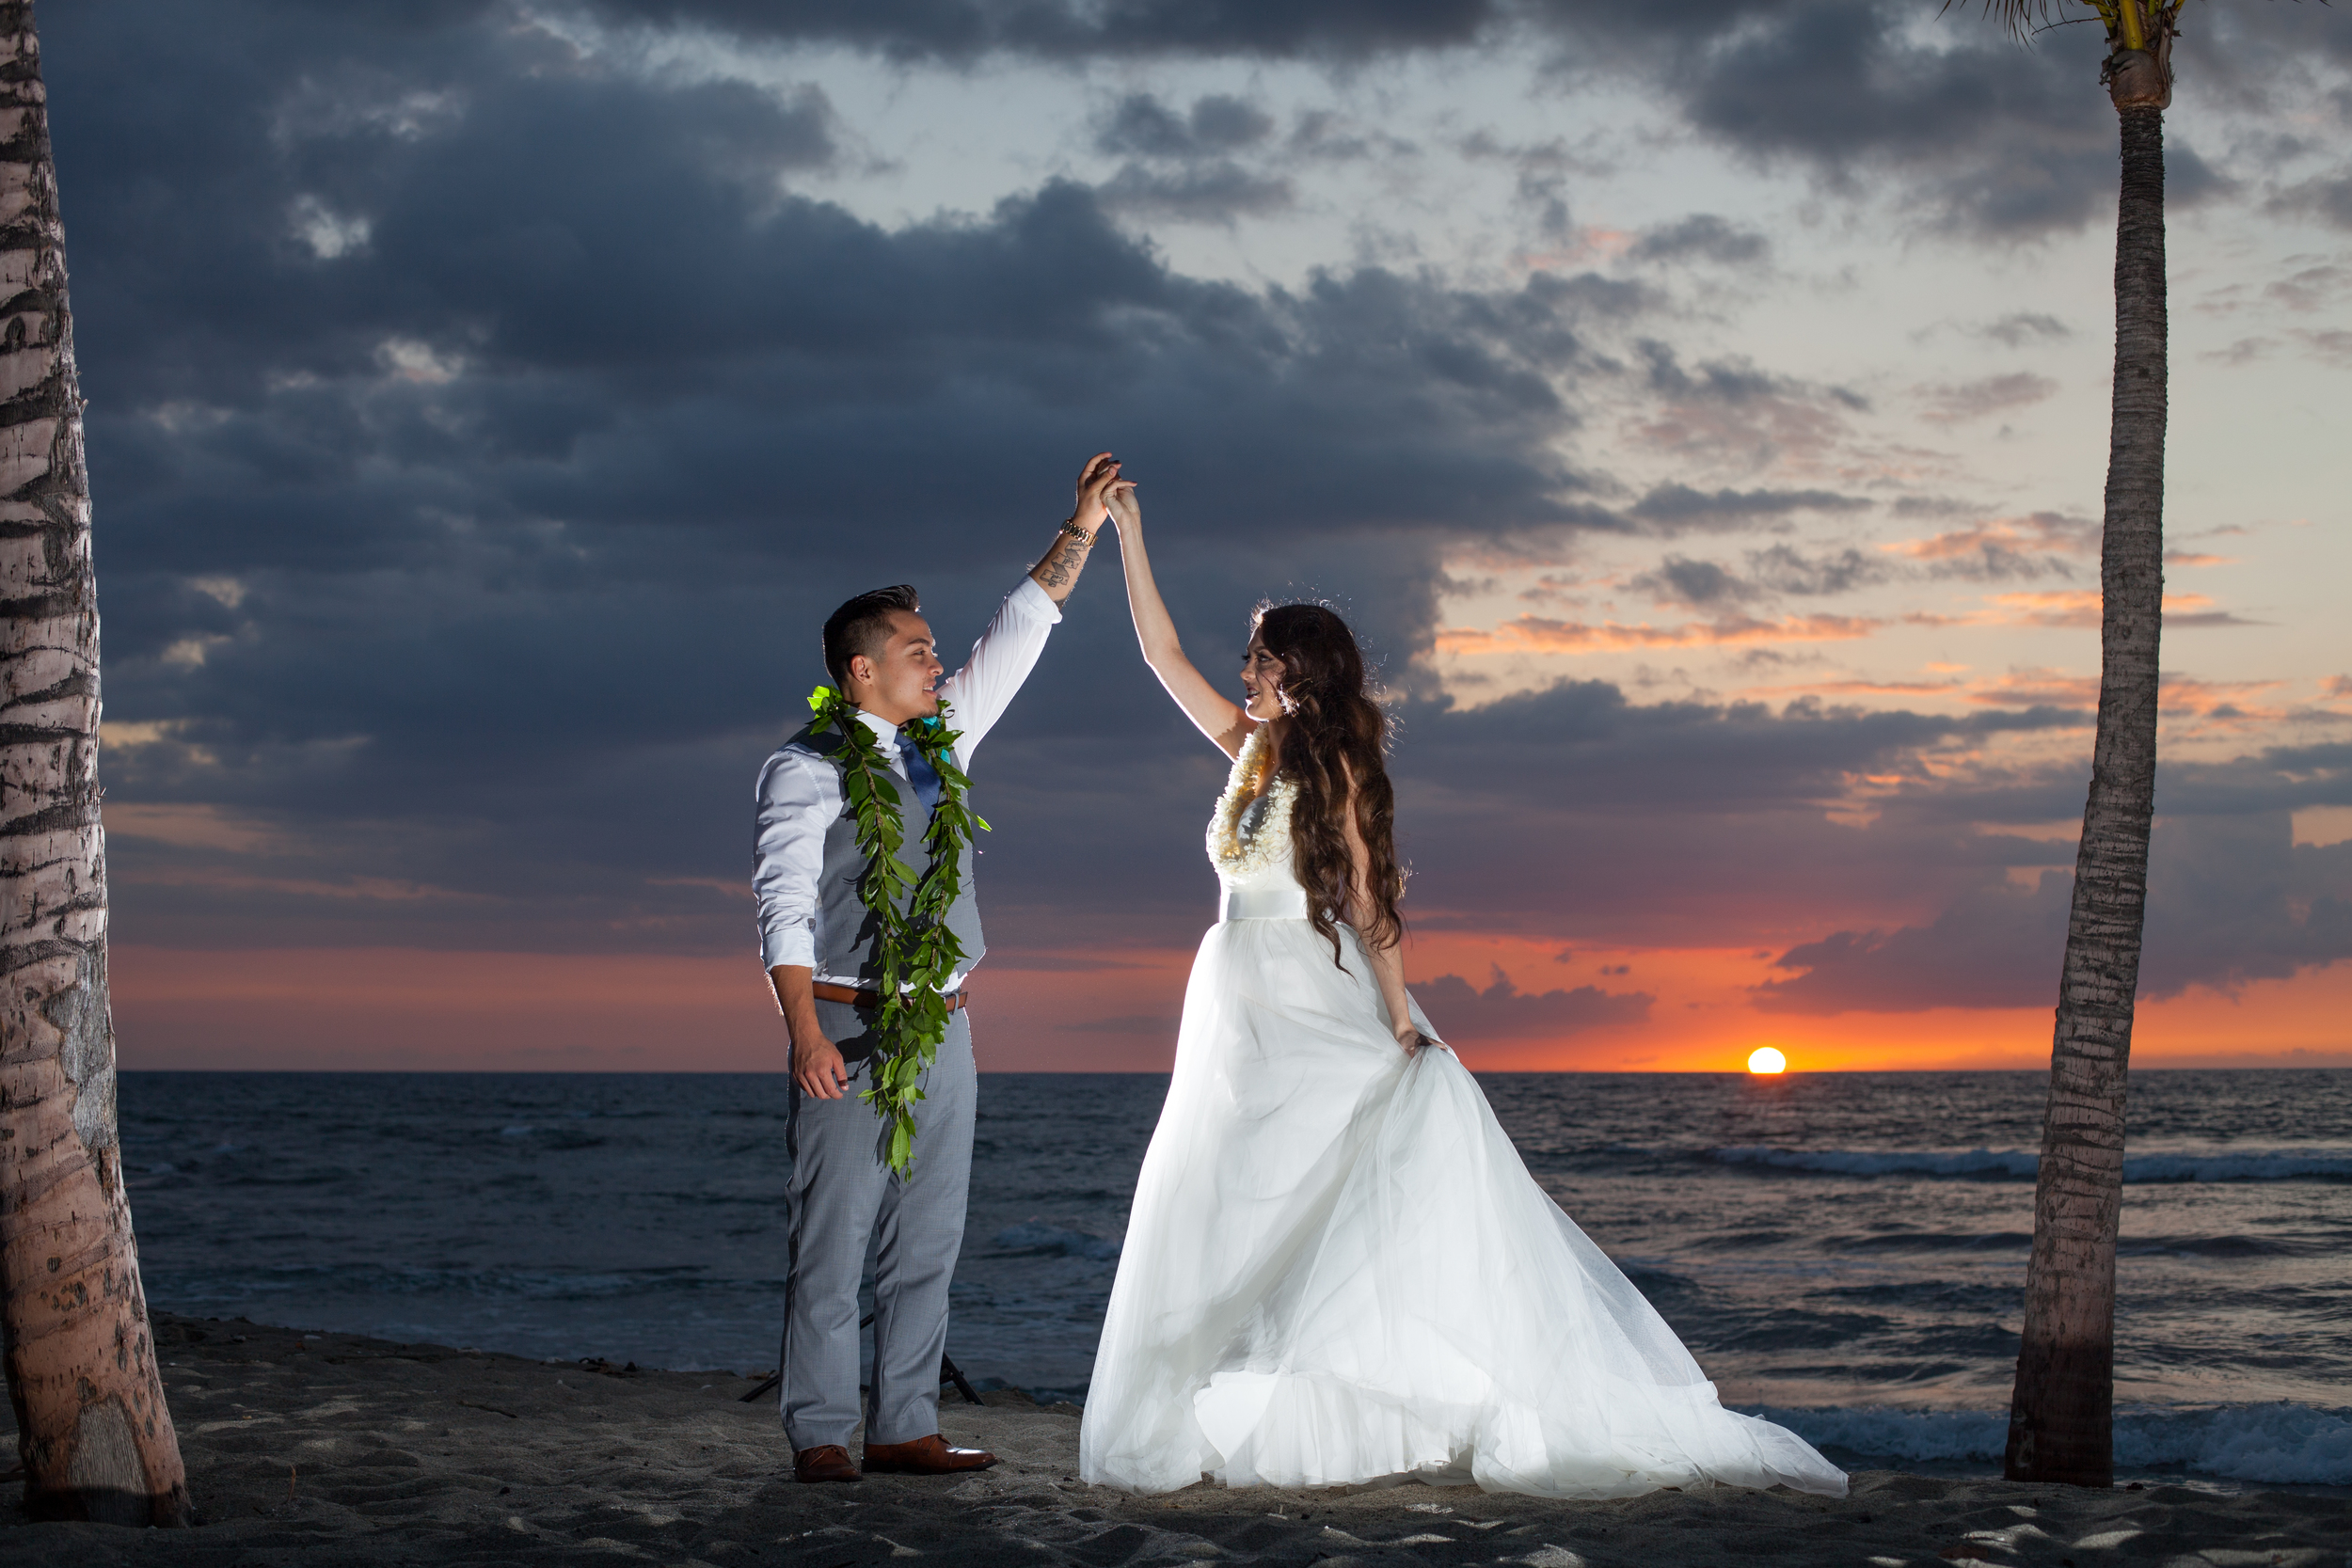 big island hawaii mauna lani resort wedding © kelilina photography 20160523185544-1.jpg